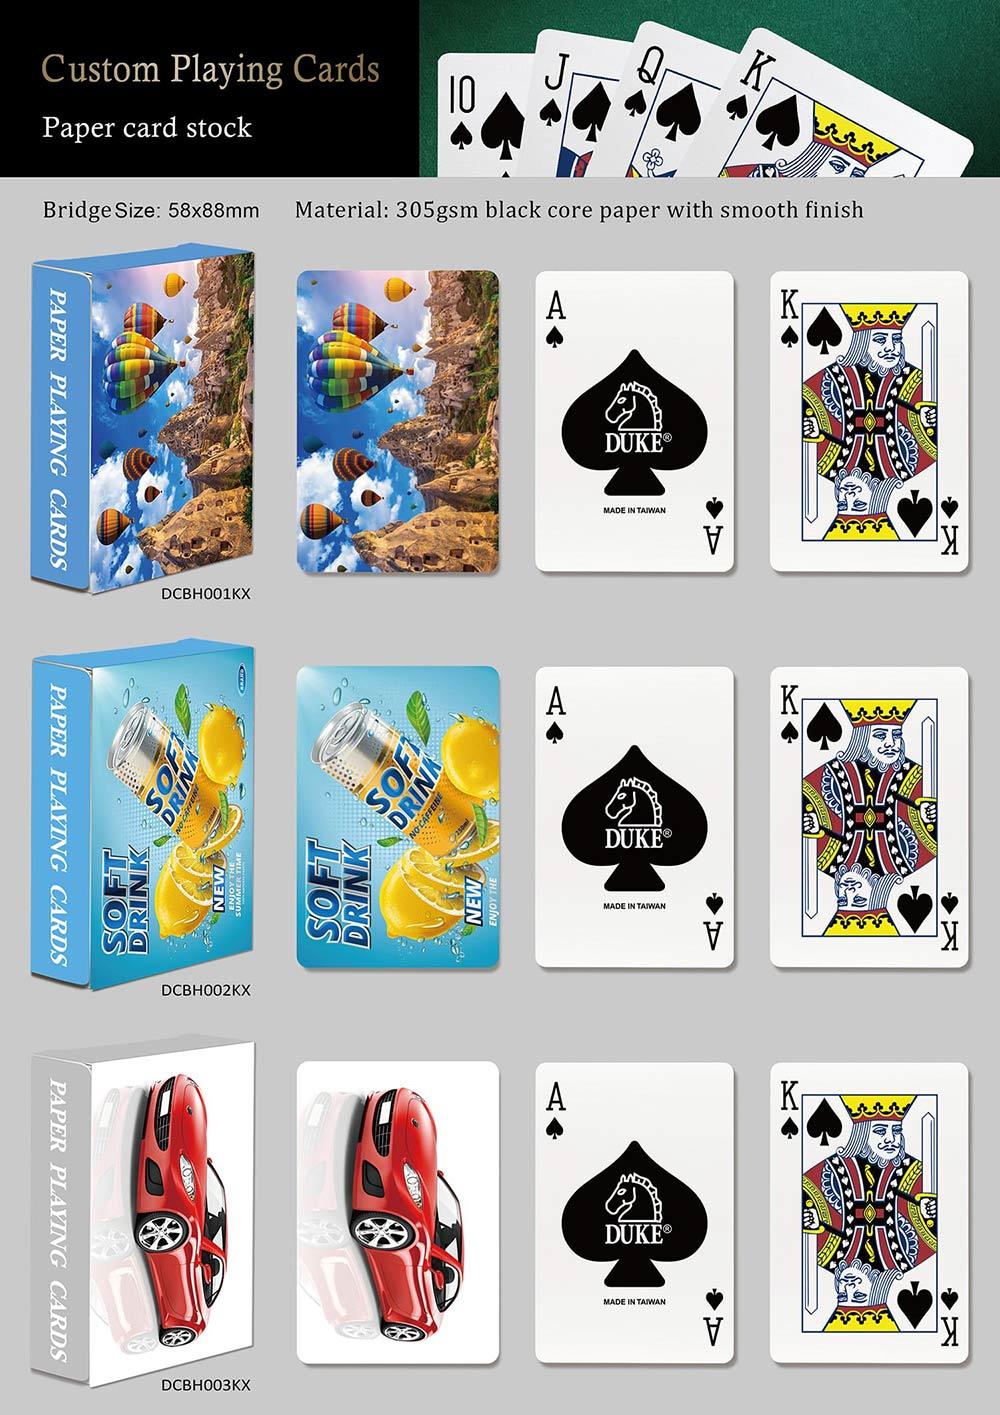 Souvenir playing cards - Landscape-Paper